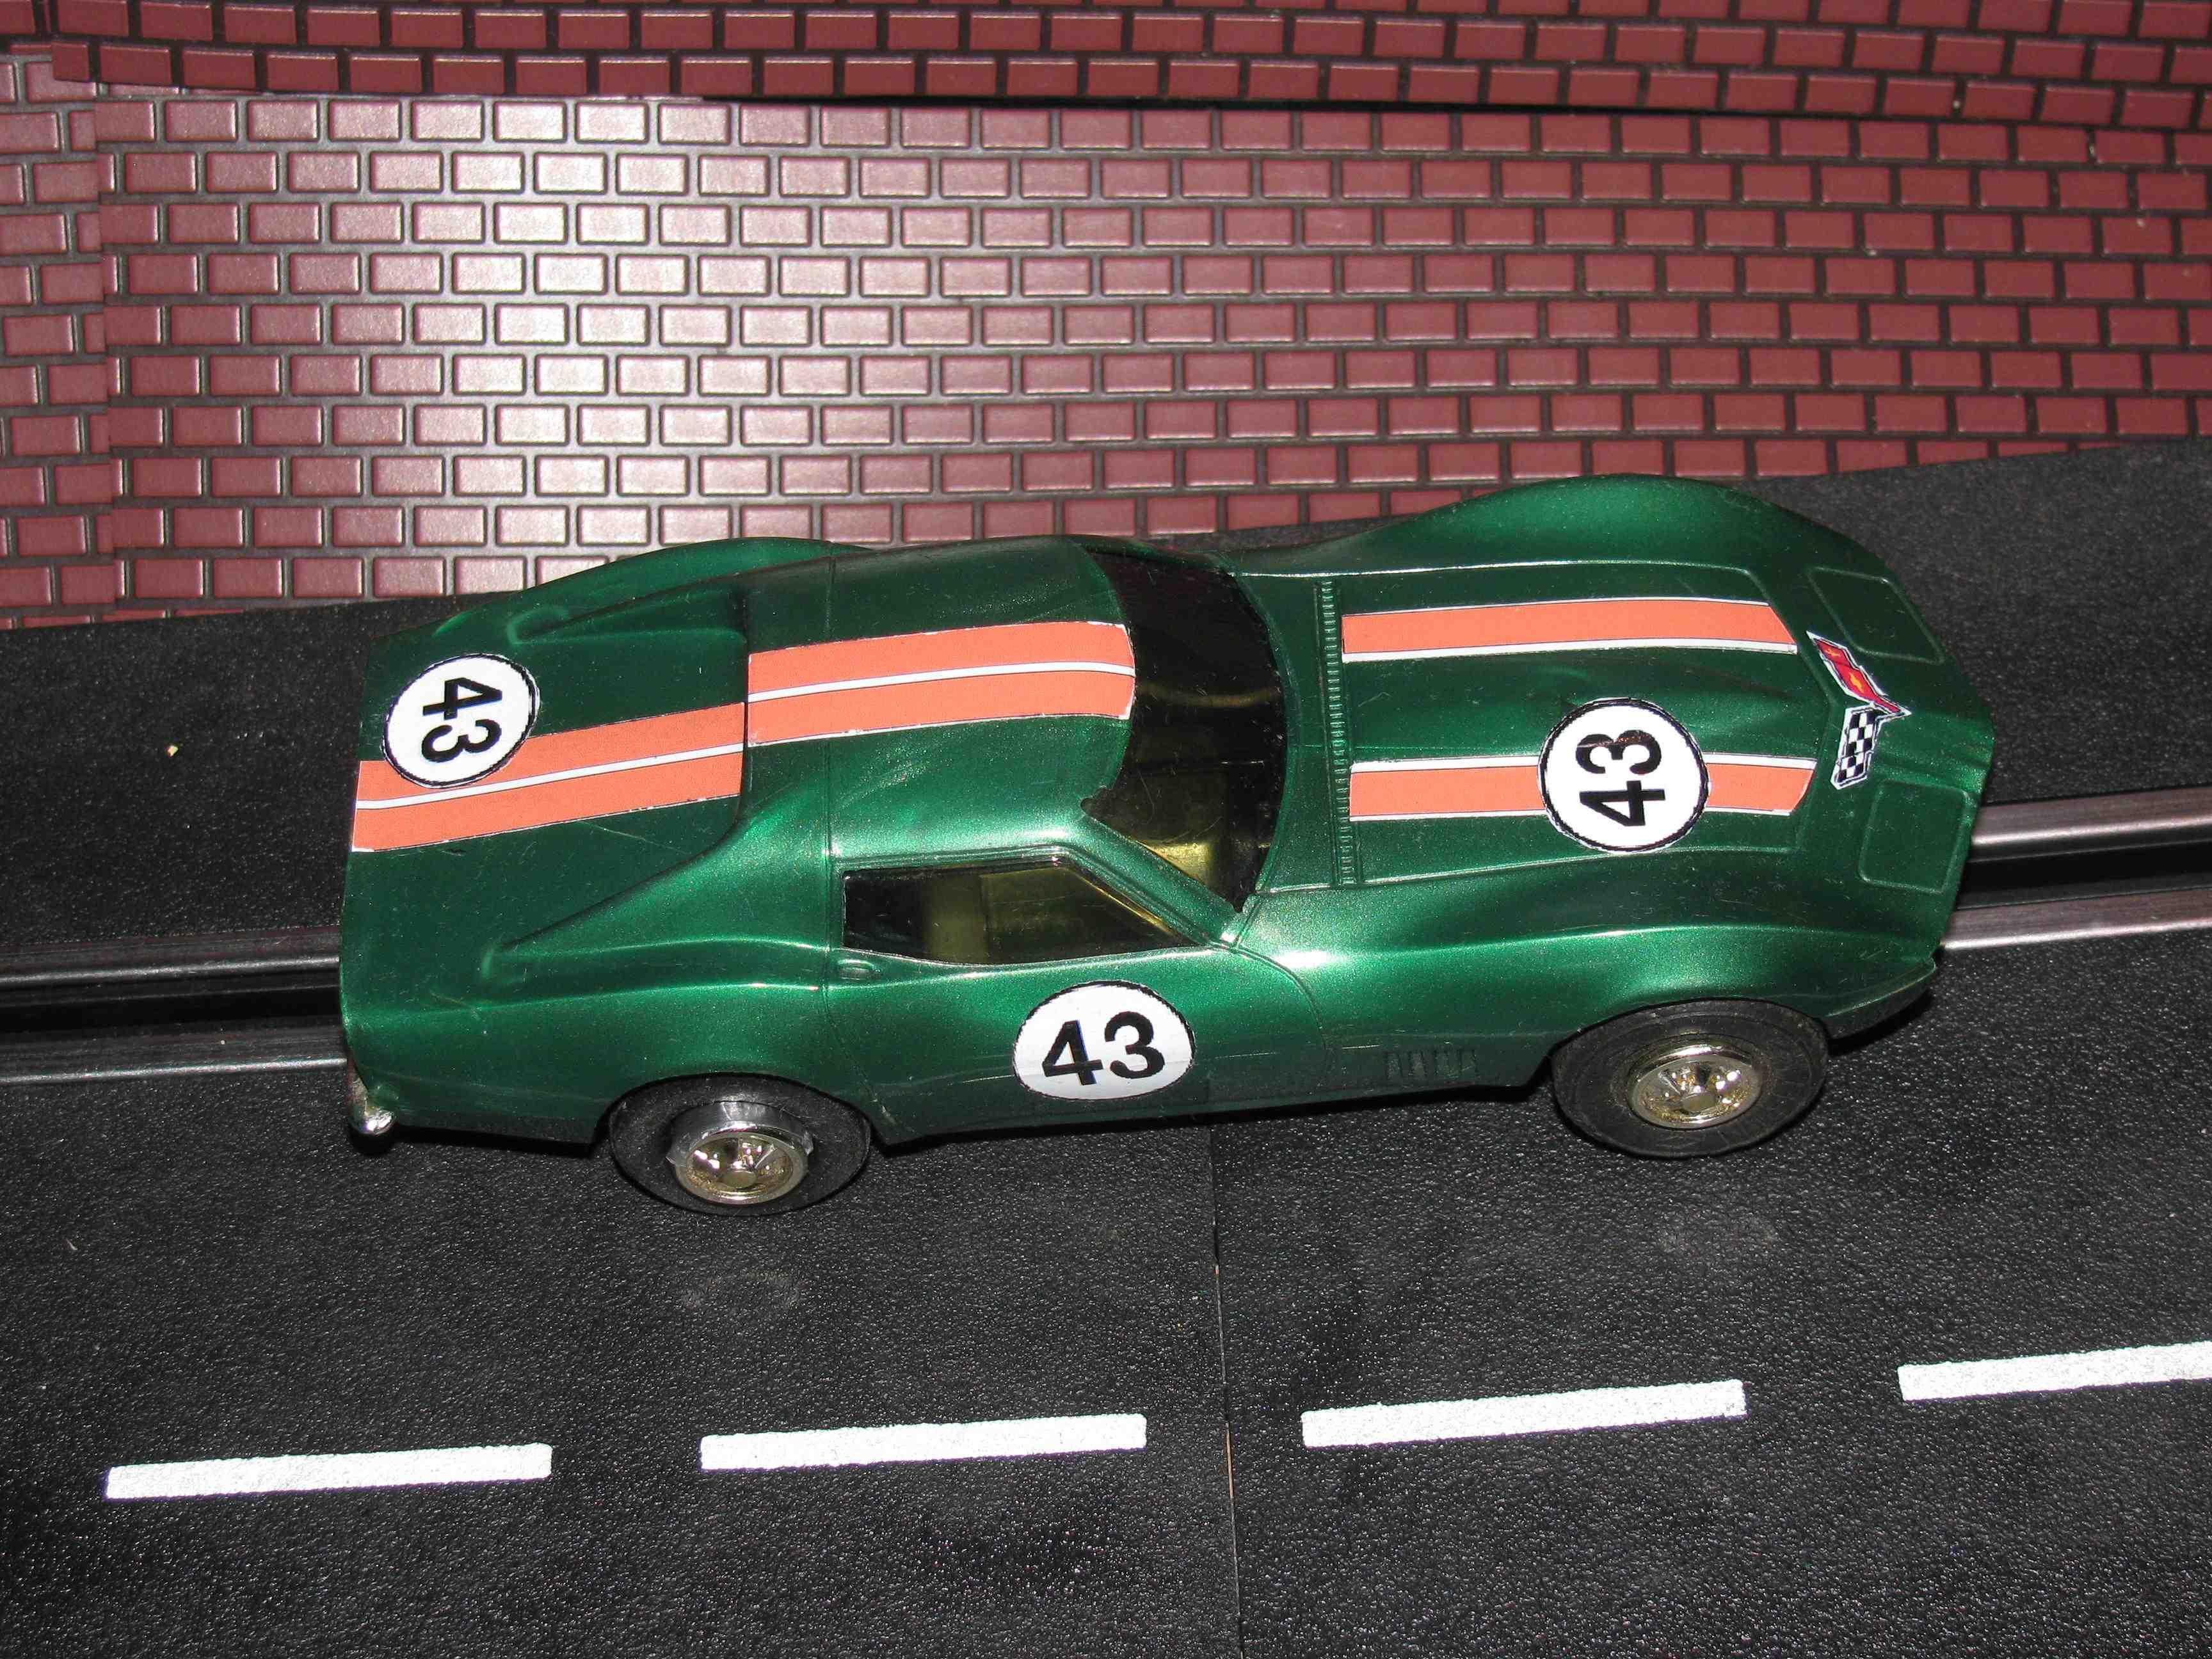 * SOLD * Eldon 1968 Corvette – Green Car 43 - #1432-11